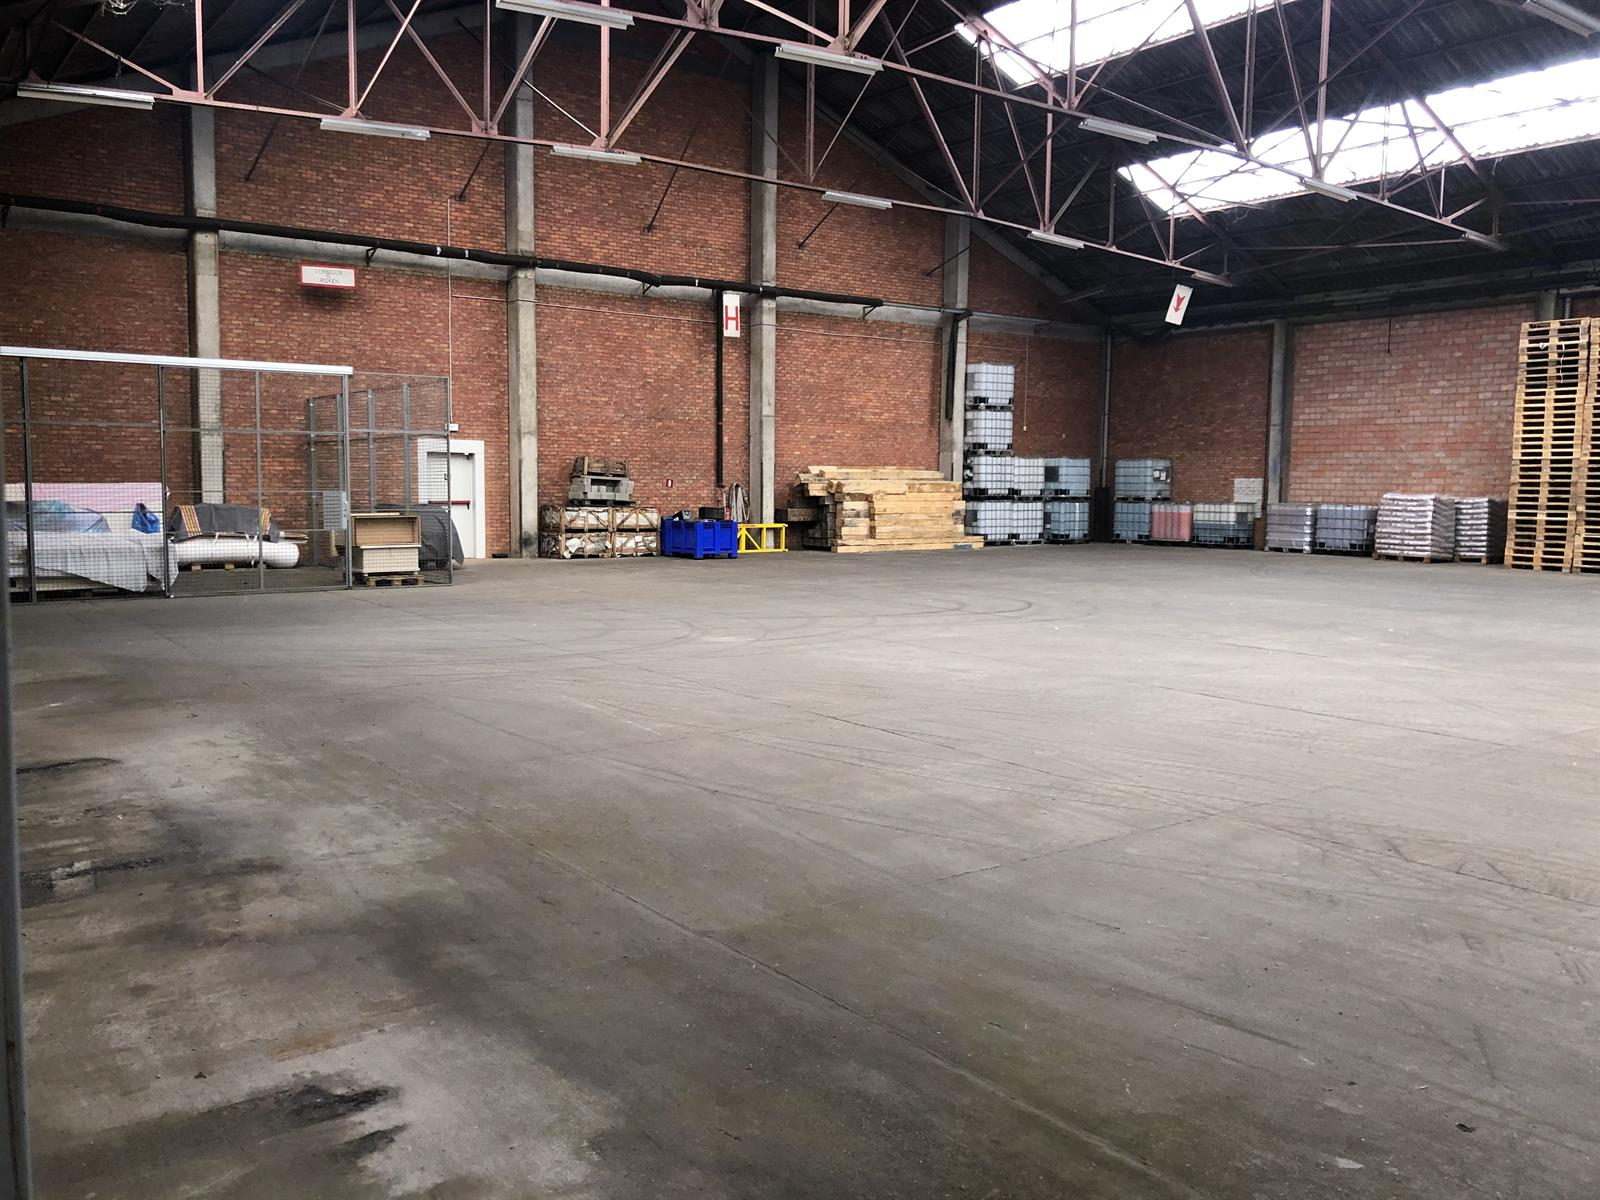 kantoor te huur K001 - Wilmarsdonksteenweg 11, 2030 Antwerpen, België 17